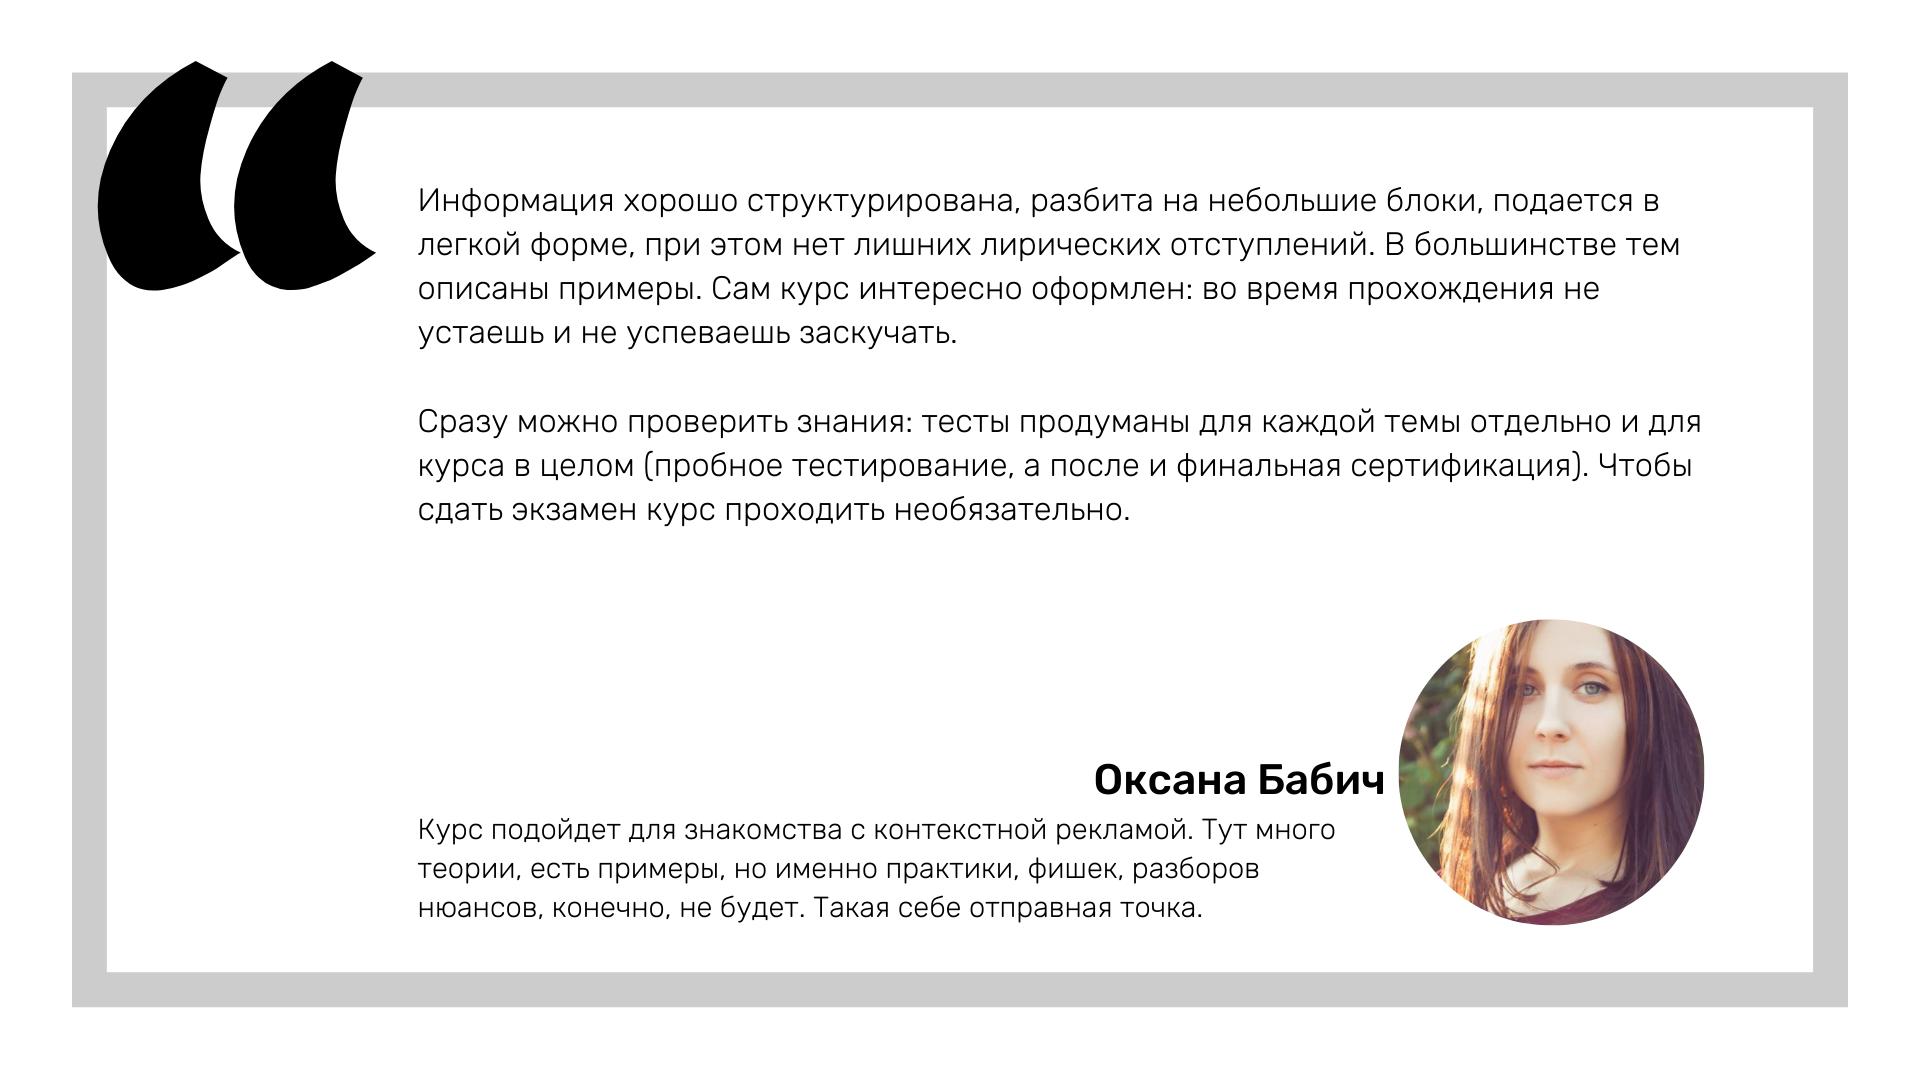 Отзыв Оксаны Бабич